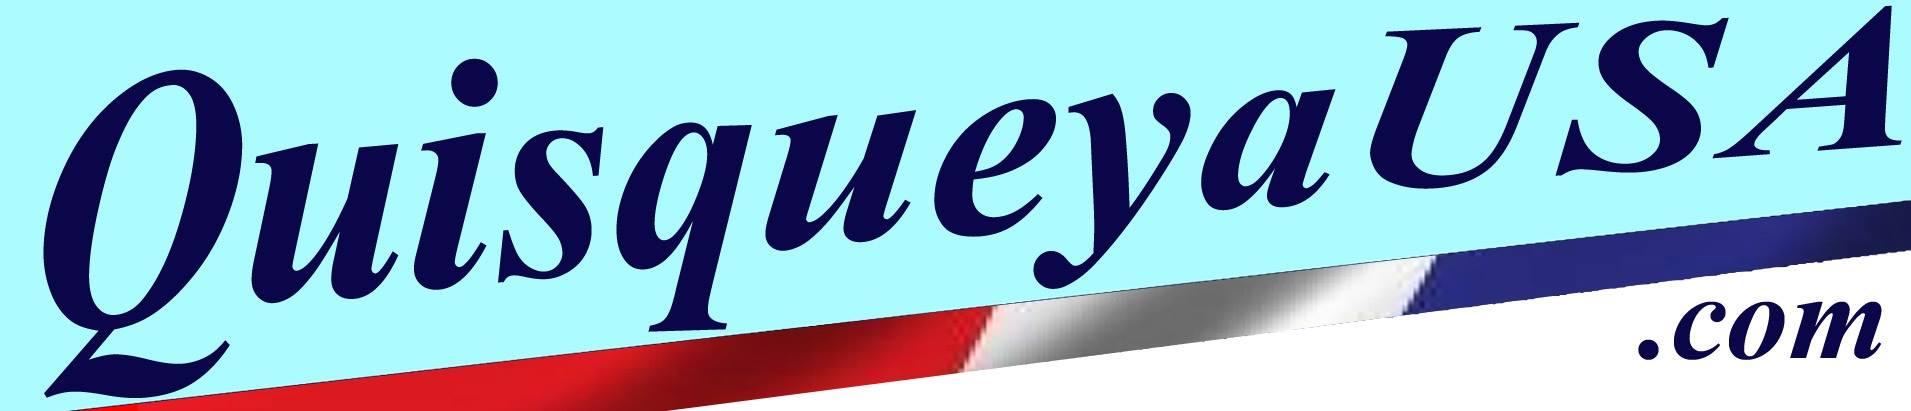 Quisqueya USA